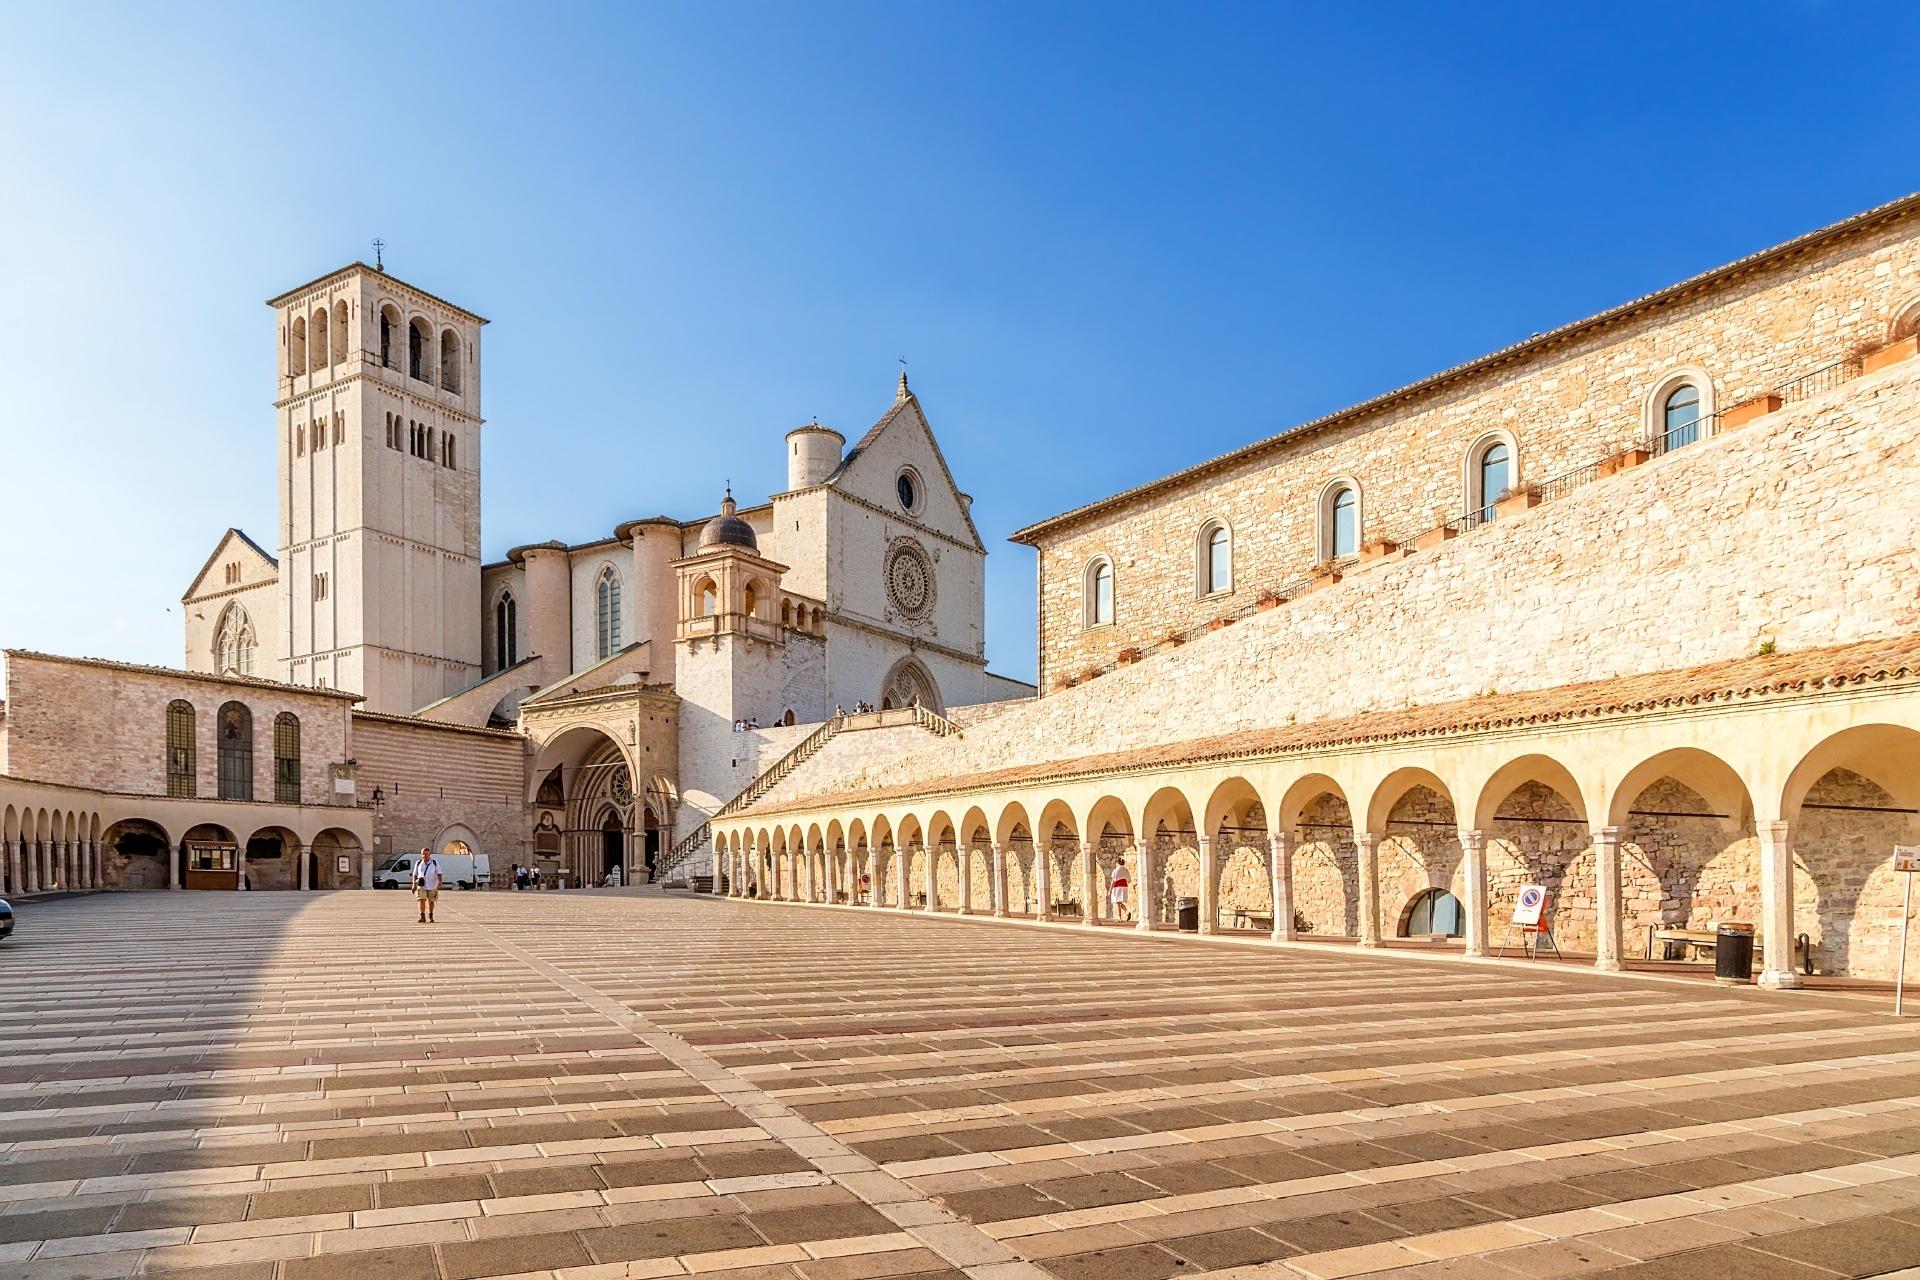 アッシジ、フランチェスコ聖堂と関連修道施設群の画像 p1_23